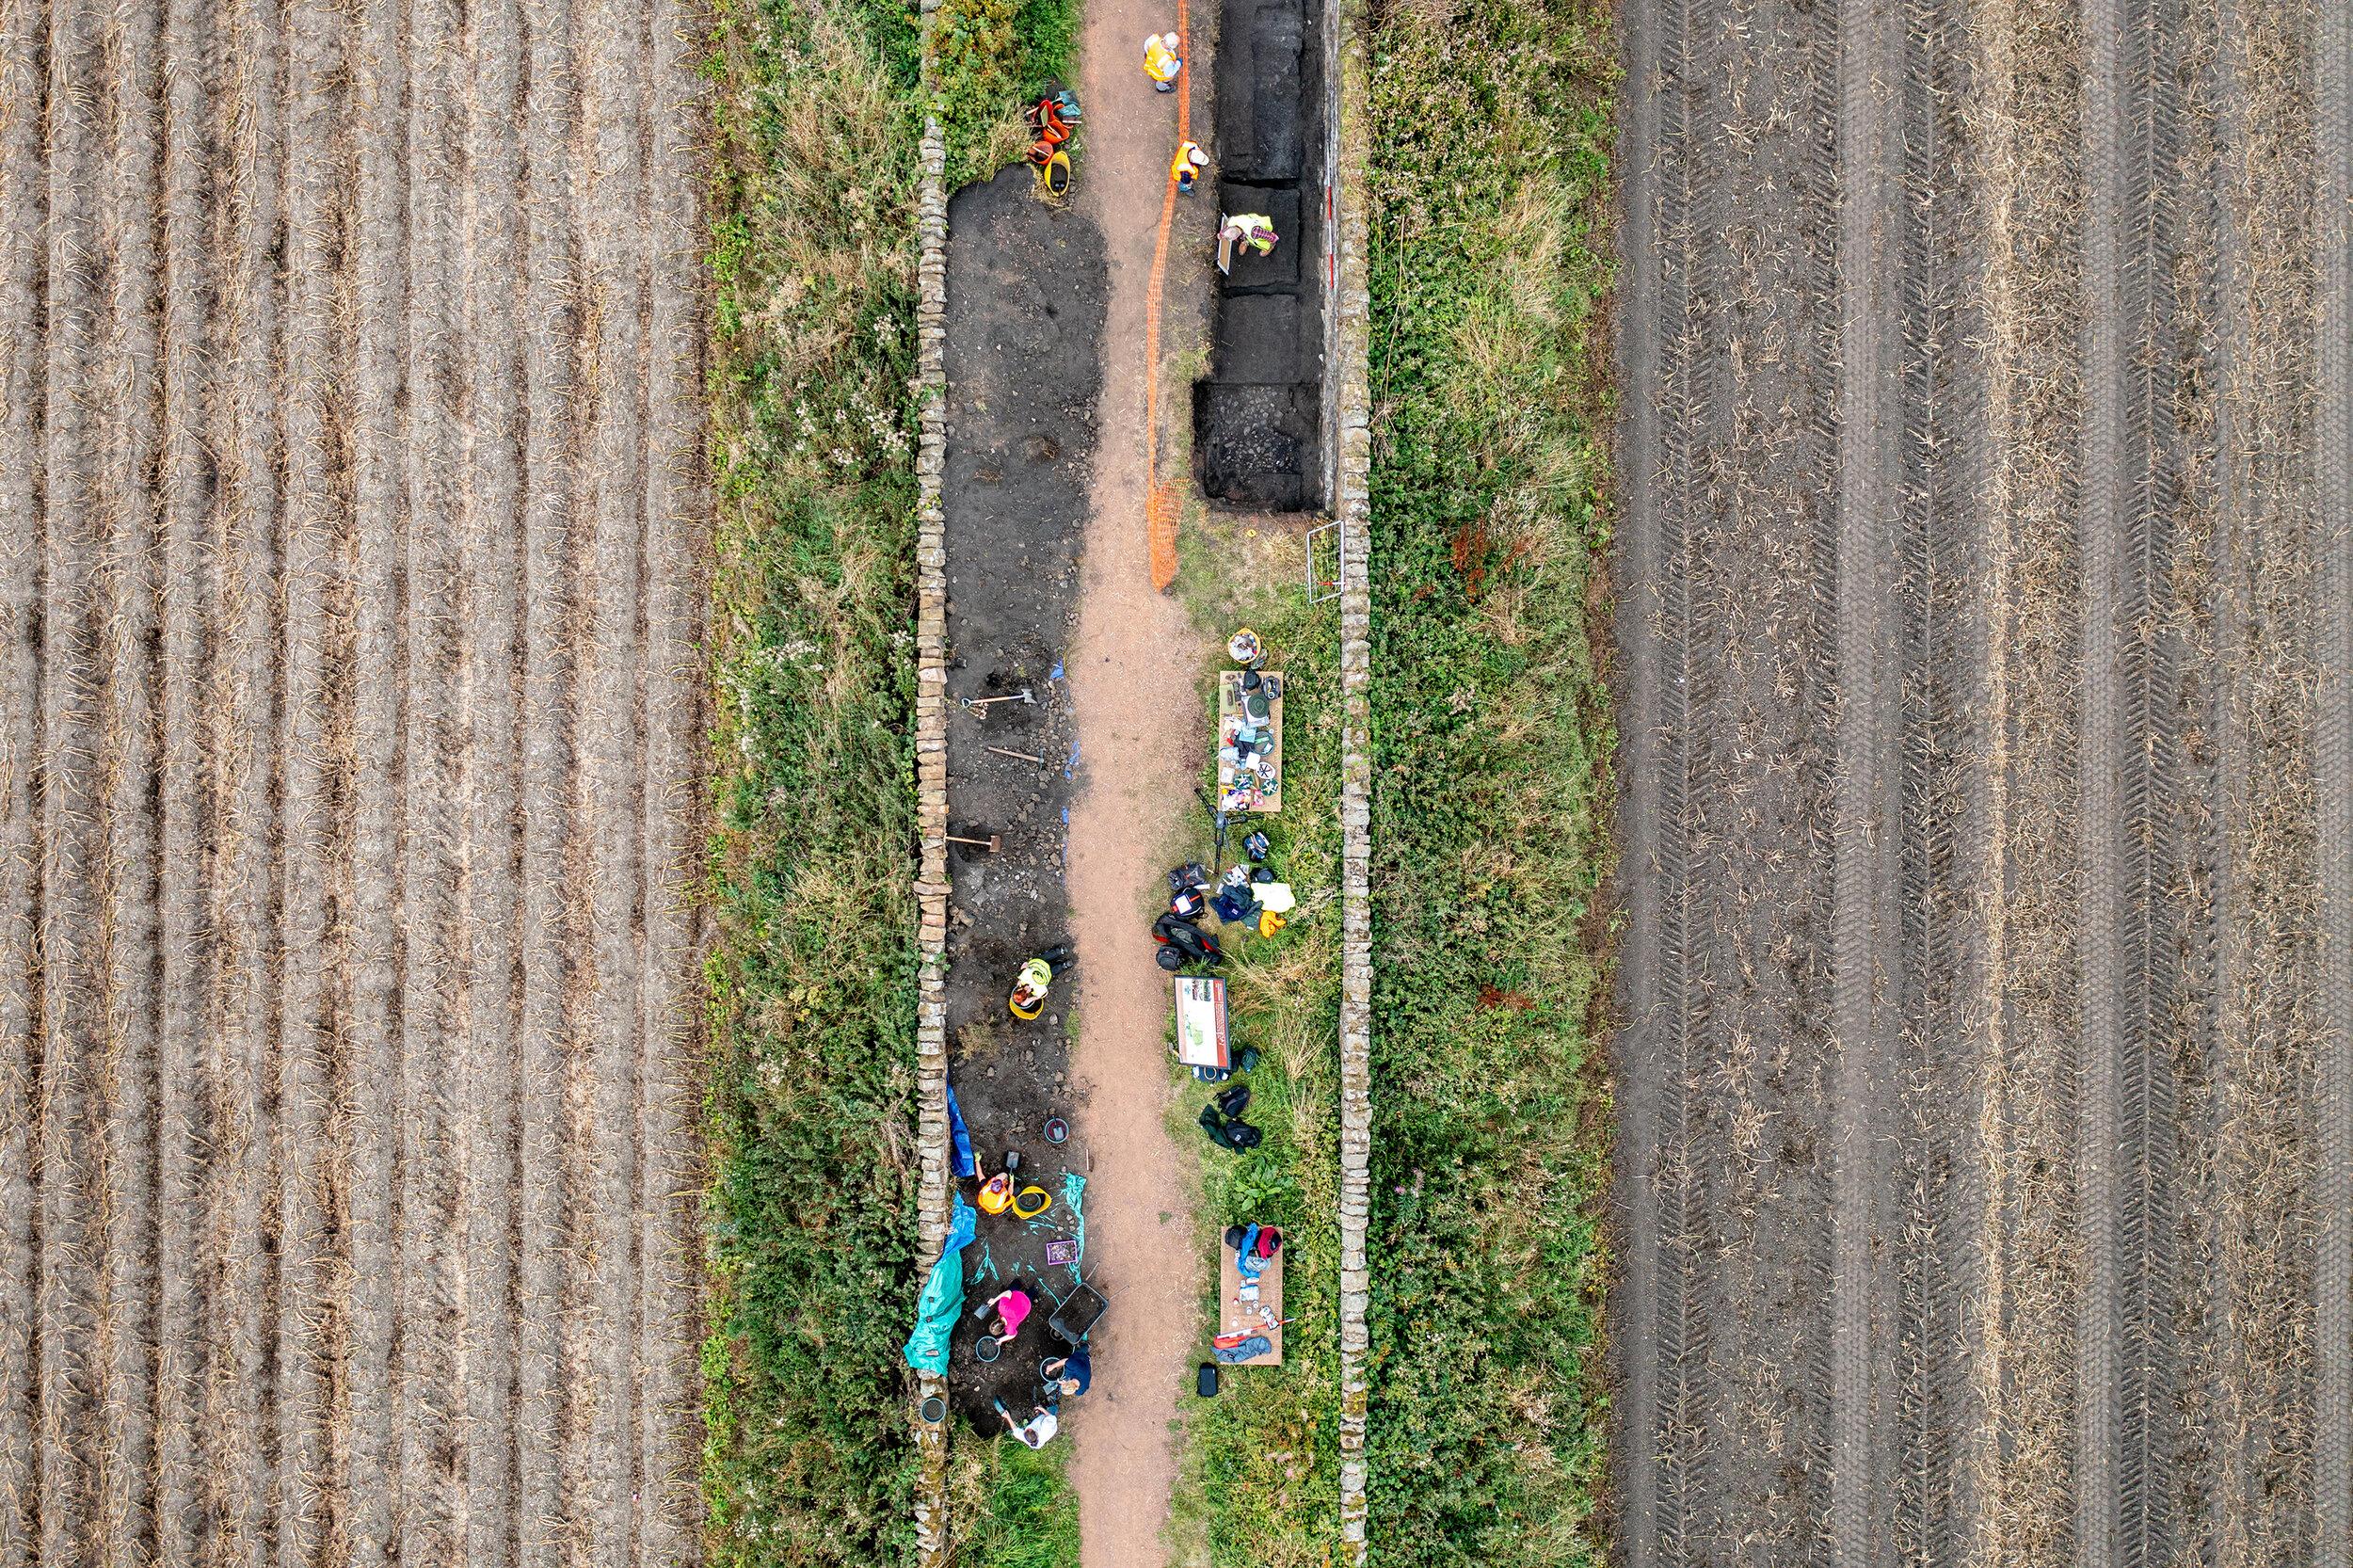 Waggonway Dig, East Lothian